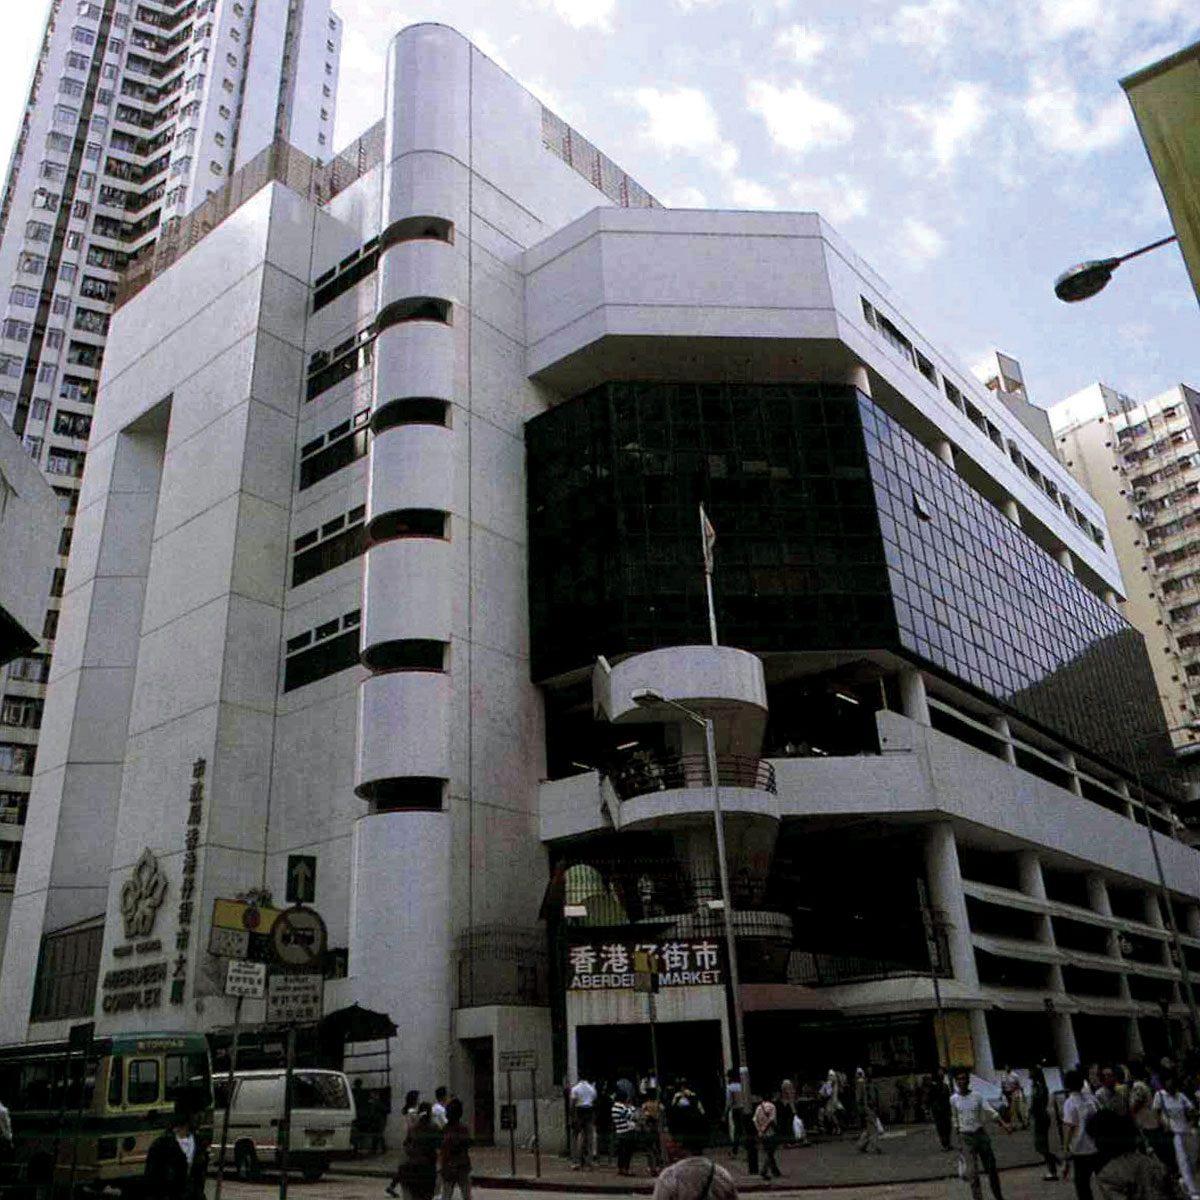 Aberdeen Municipal Services Building at 203 Aberdeen Main Road, Hong Kong